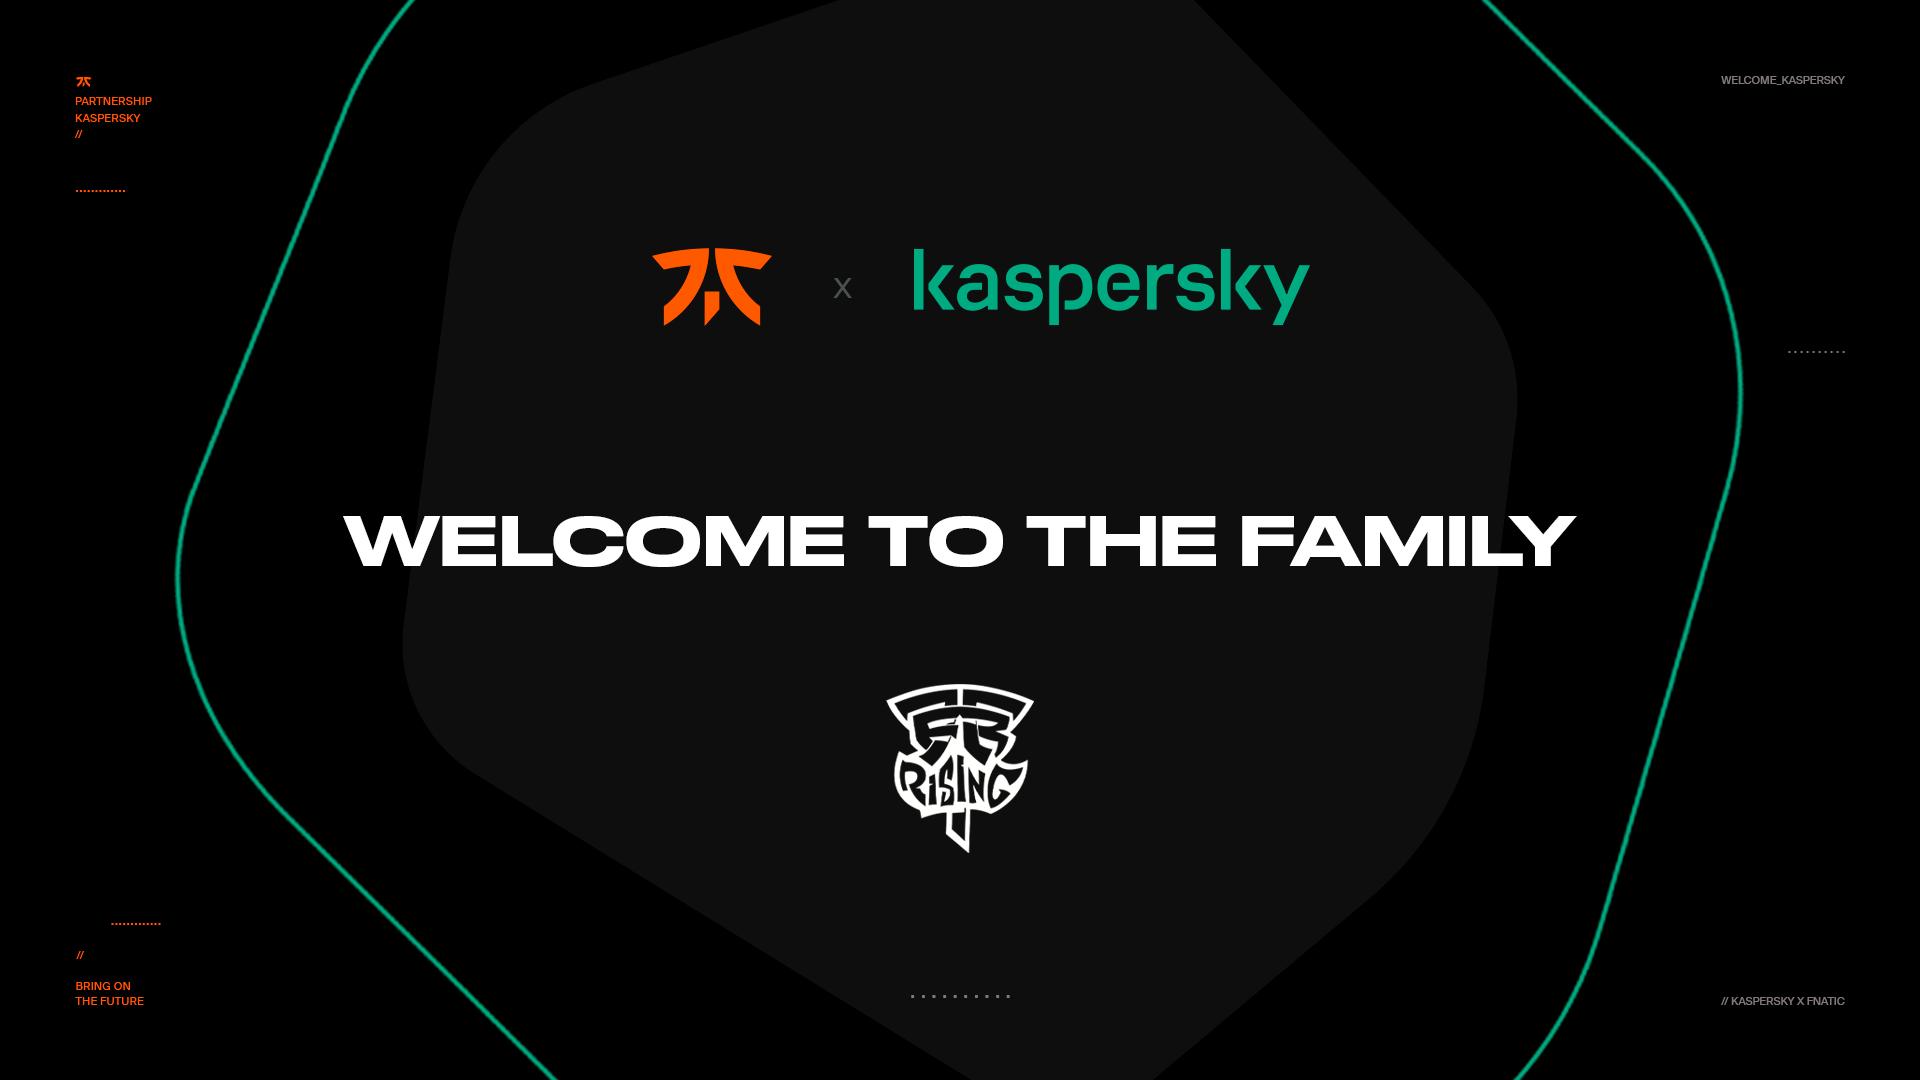 Kaspersky x Fnatic